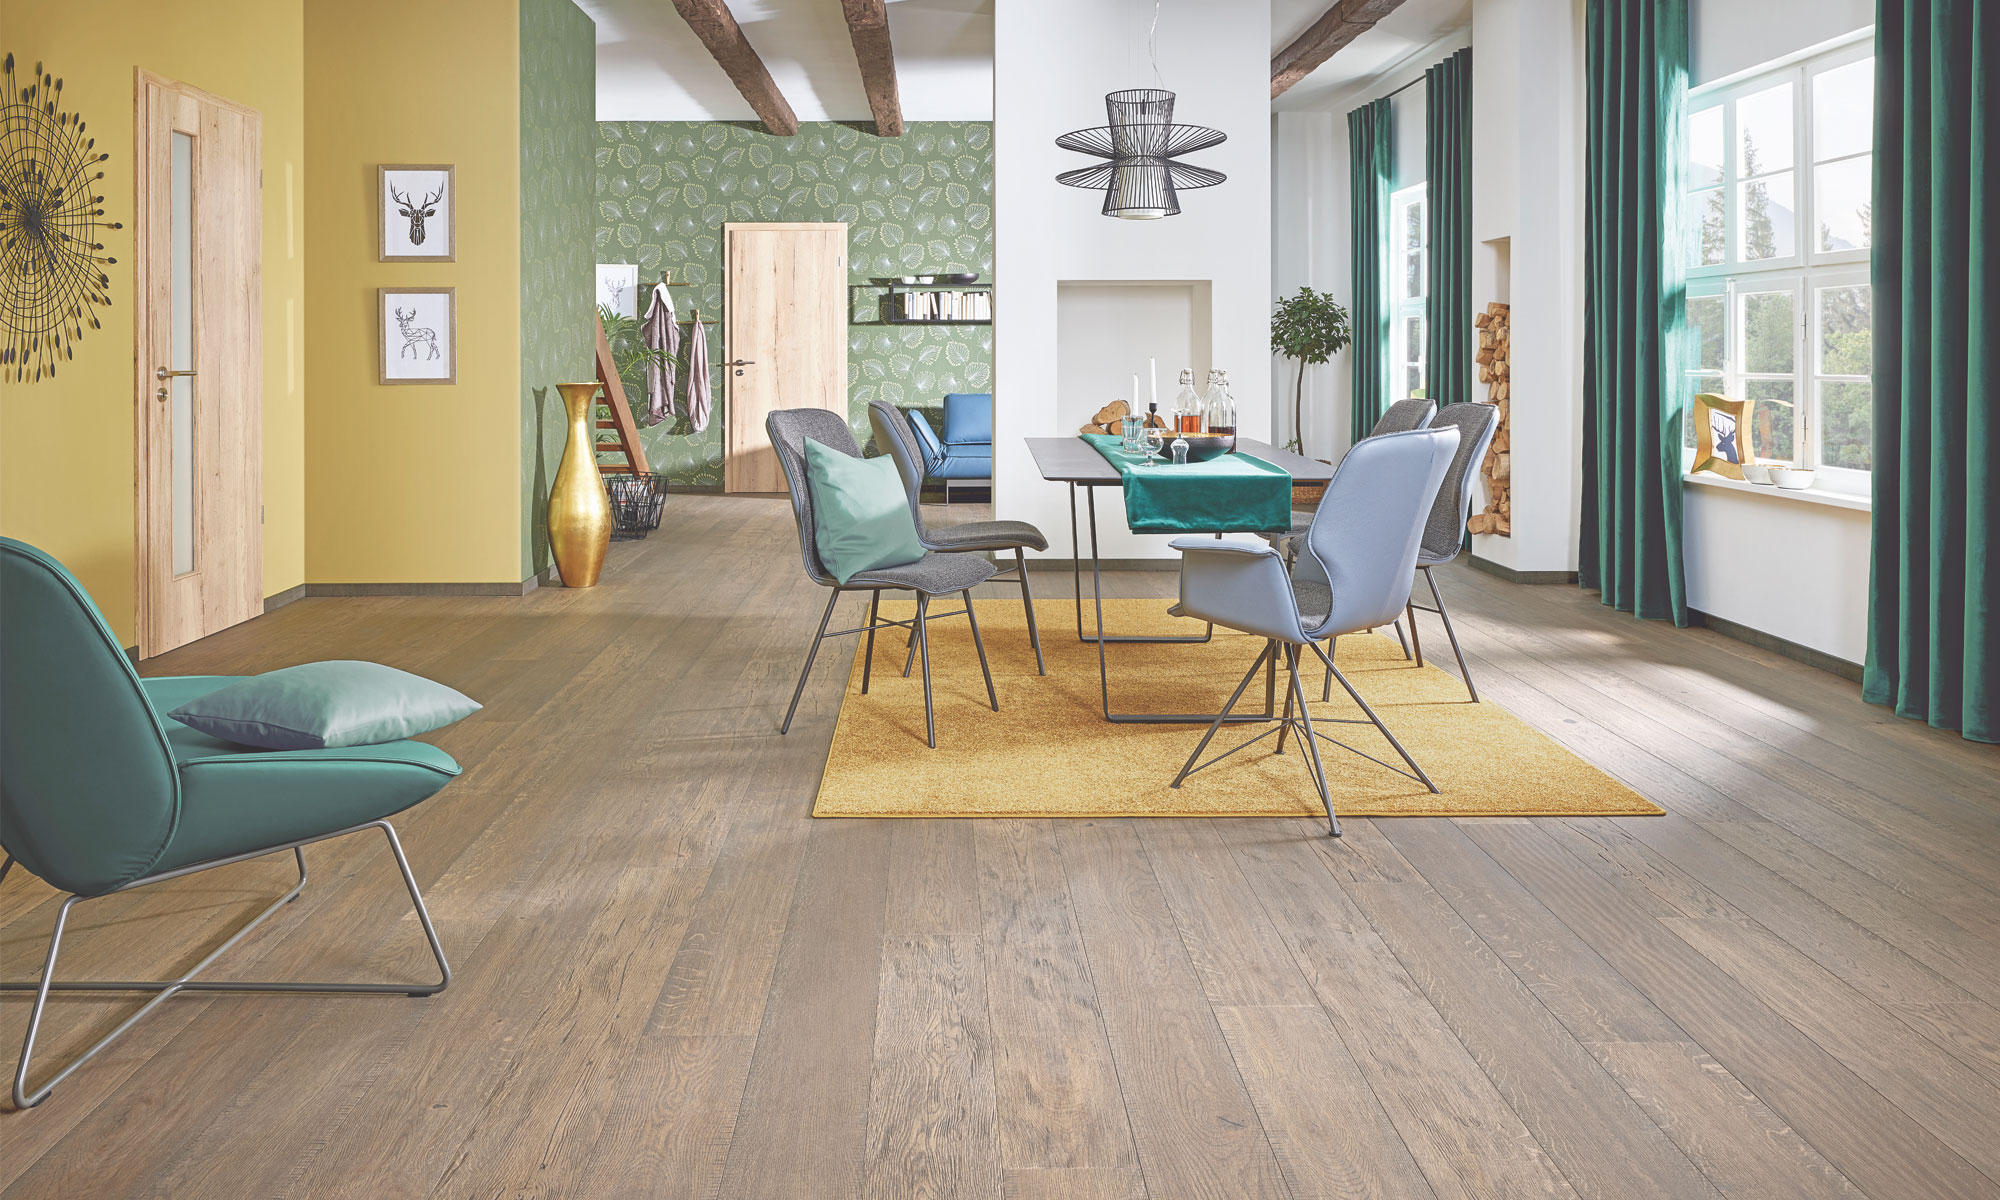 Schöner Holzboden in stillvoll eingerichteter Villa.